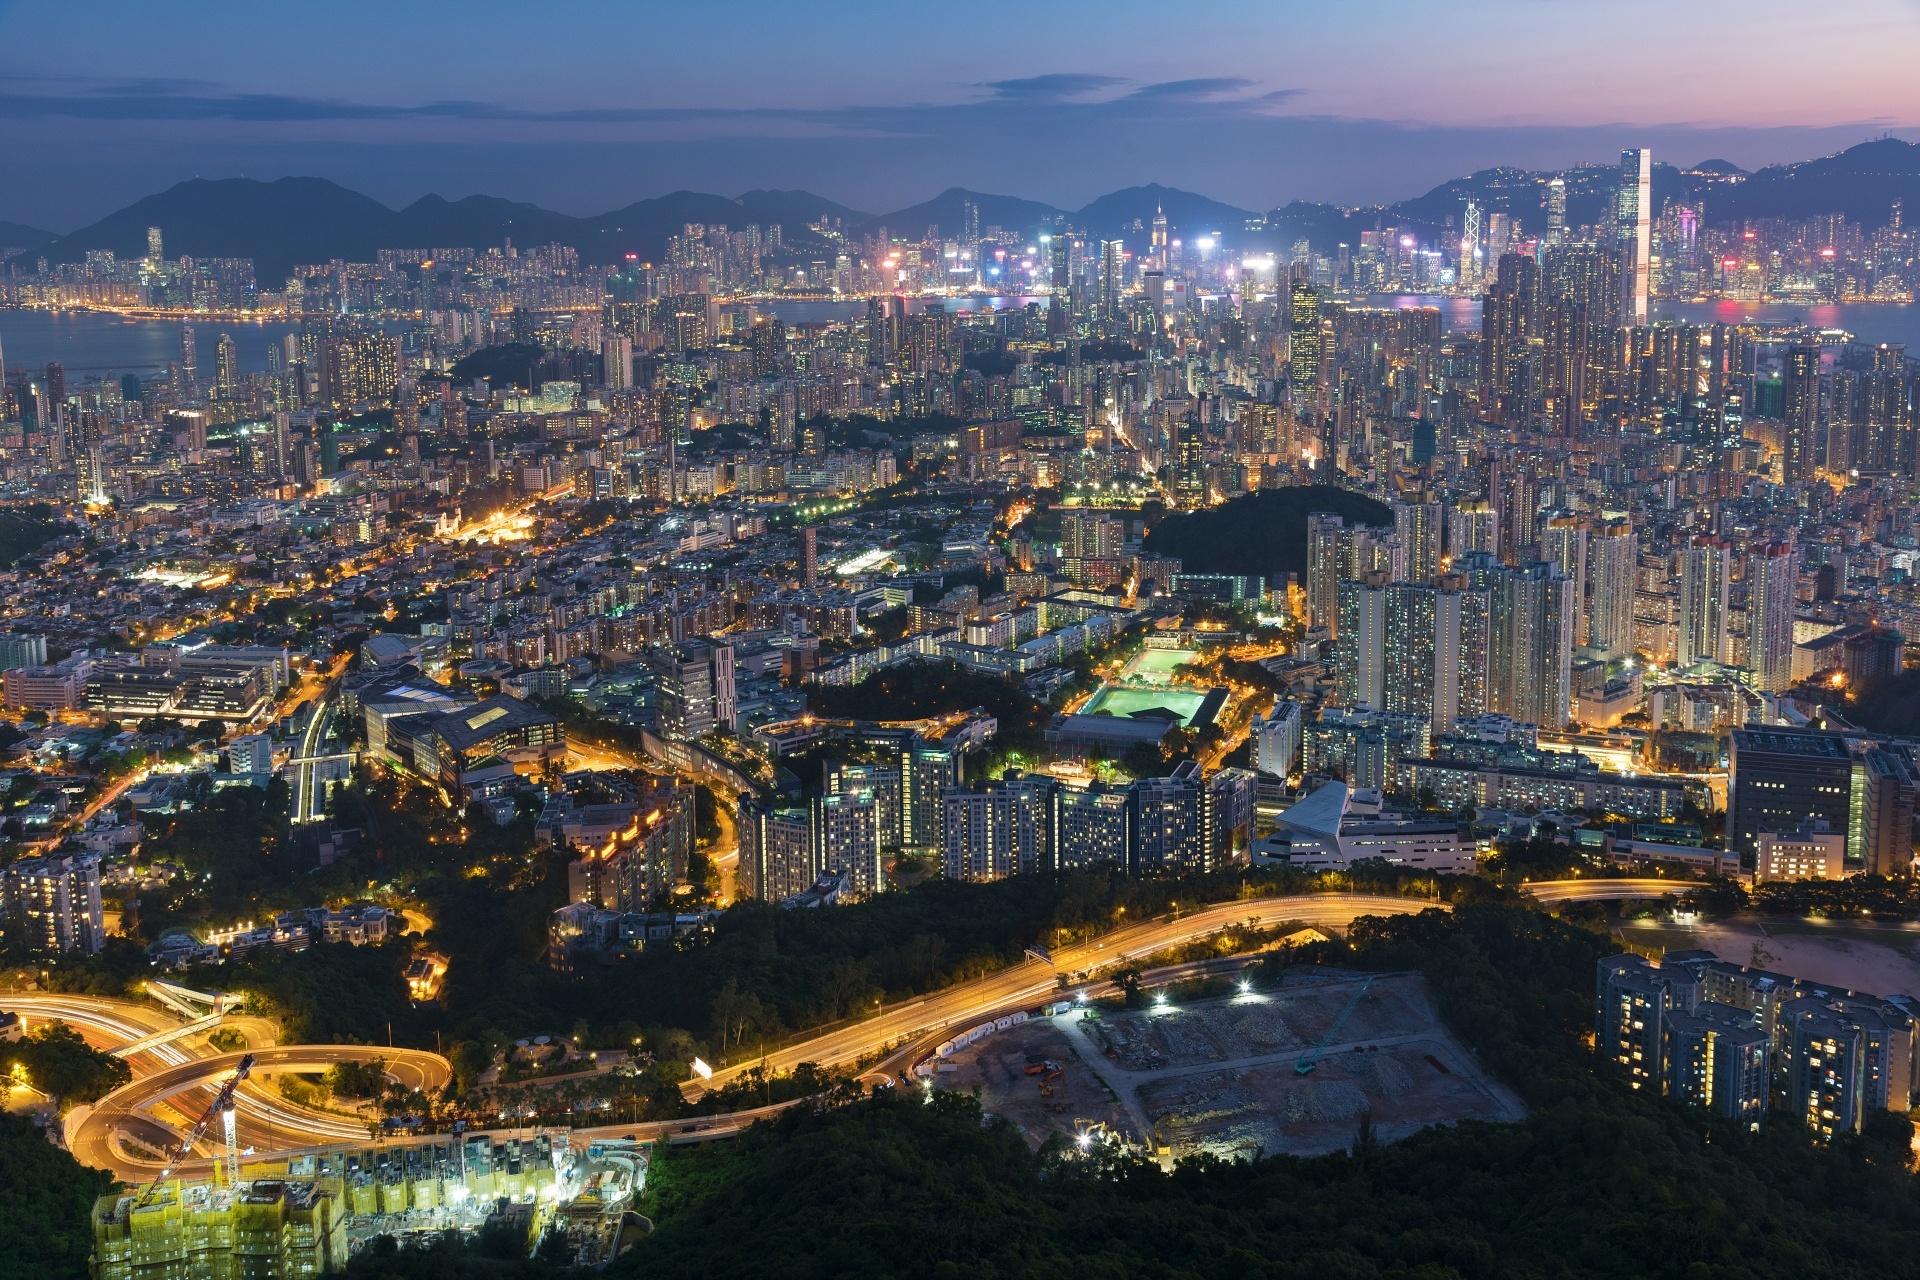 夕暮れ時の香港の風景